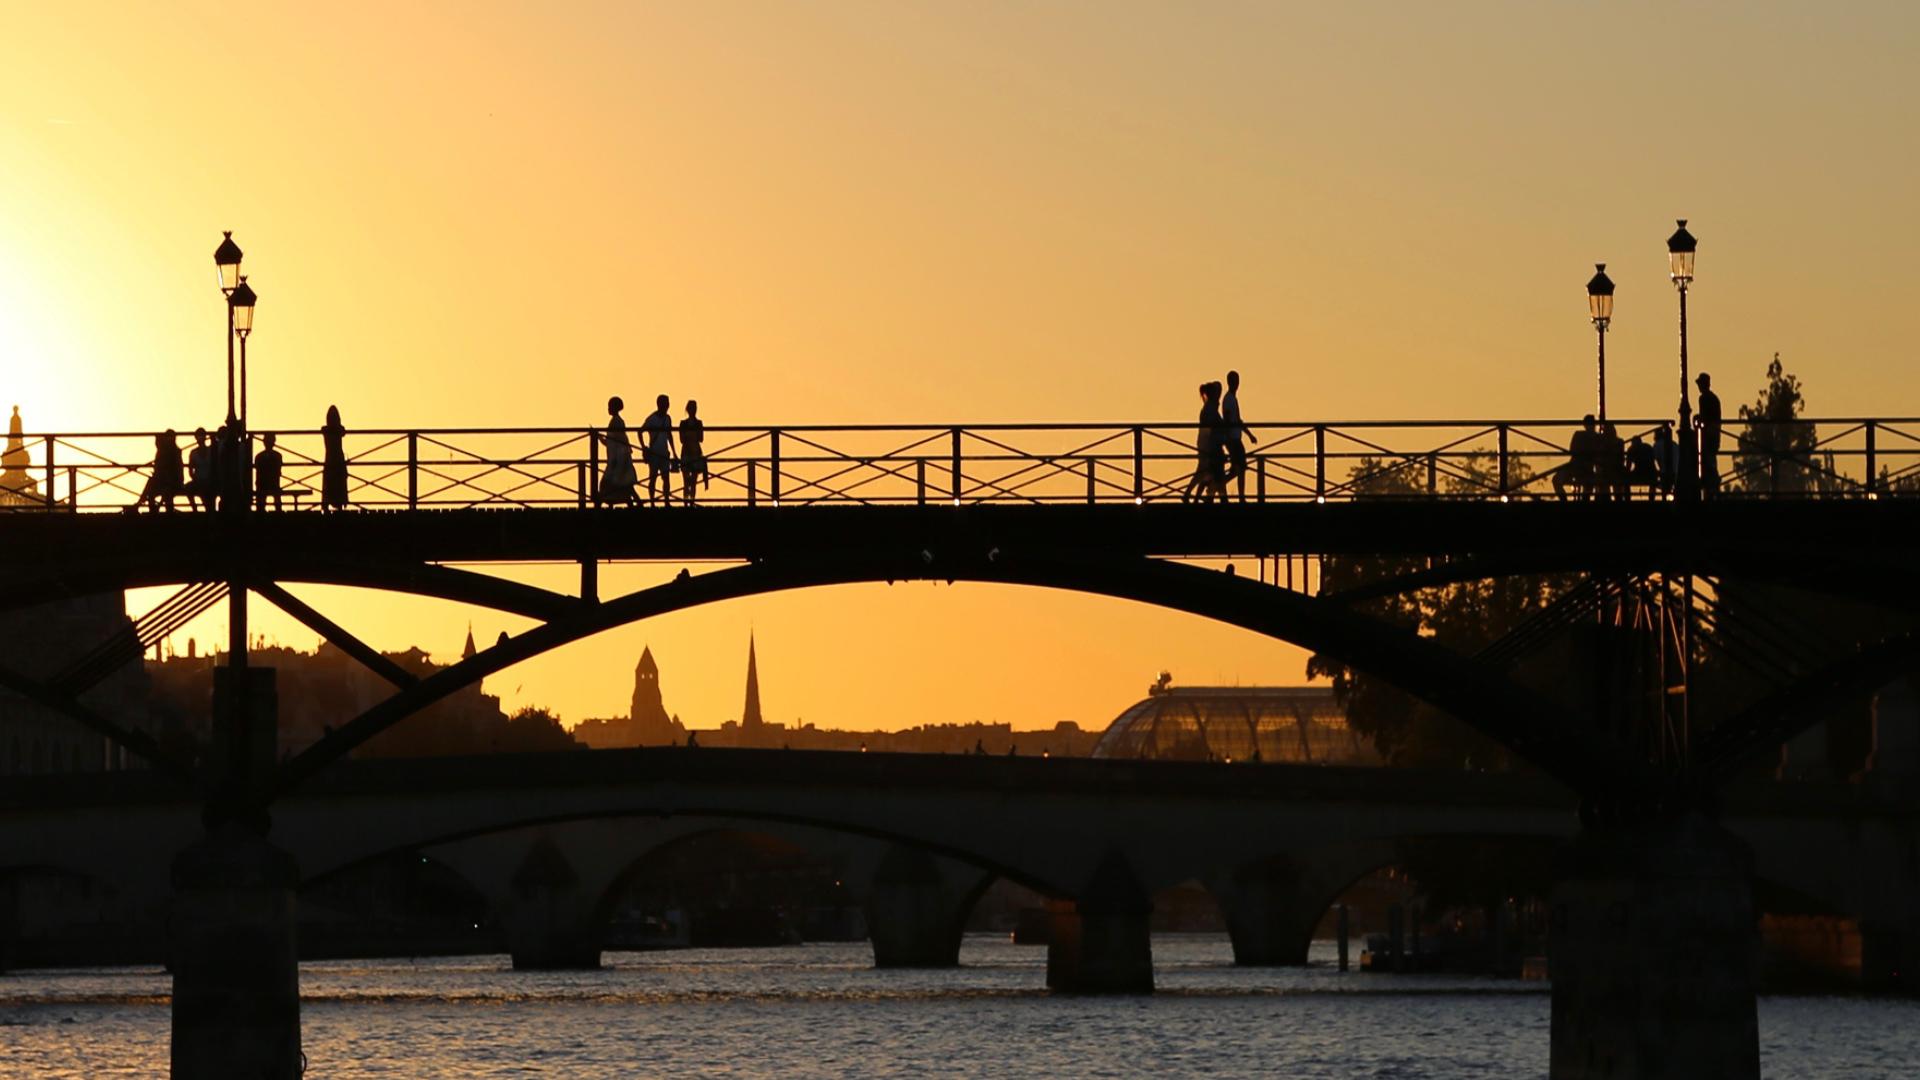 couché de soleil pont des Arts Paris